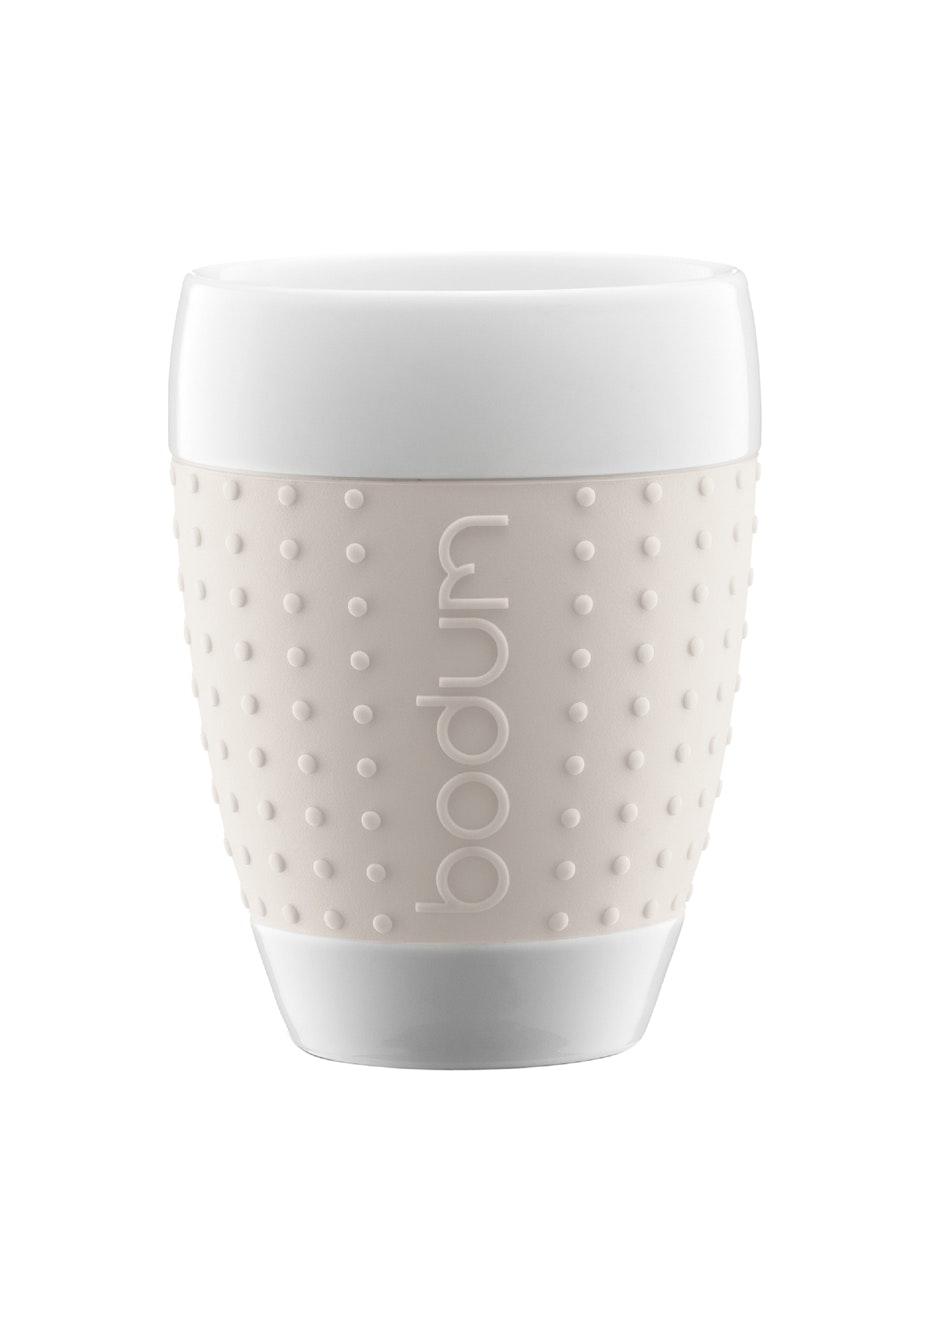 Bodum   Pavina Porcelain Mug Set   White   Under $20 Stocking Stuffers    Onceit